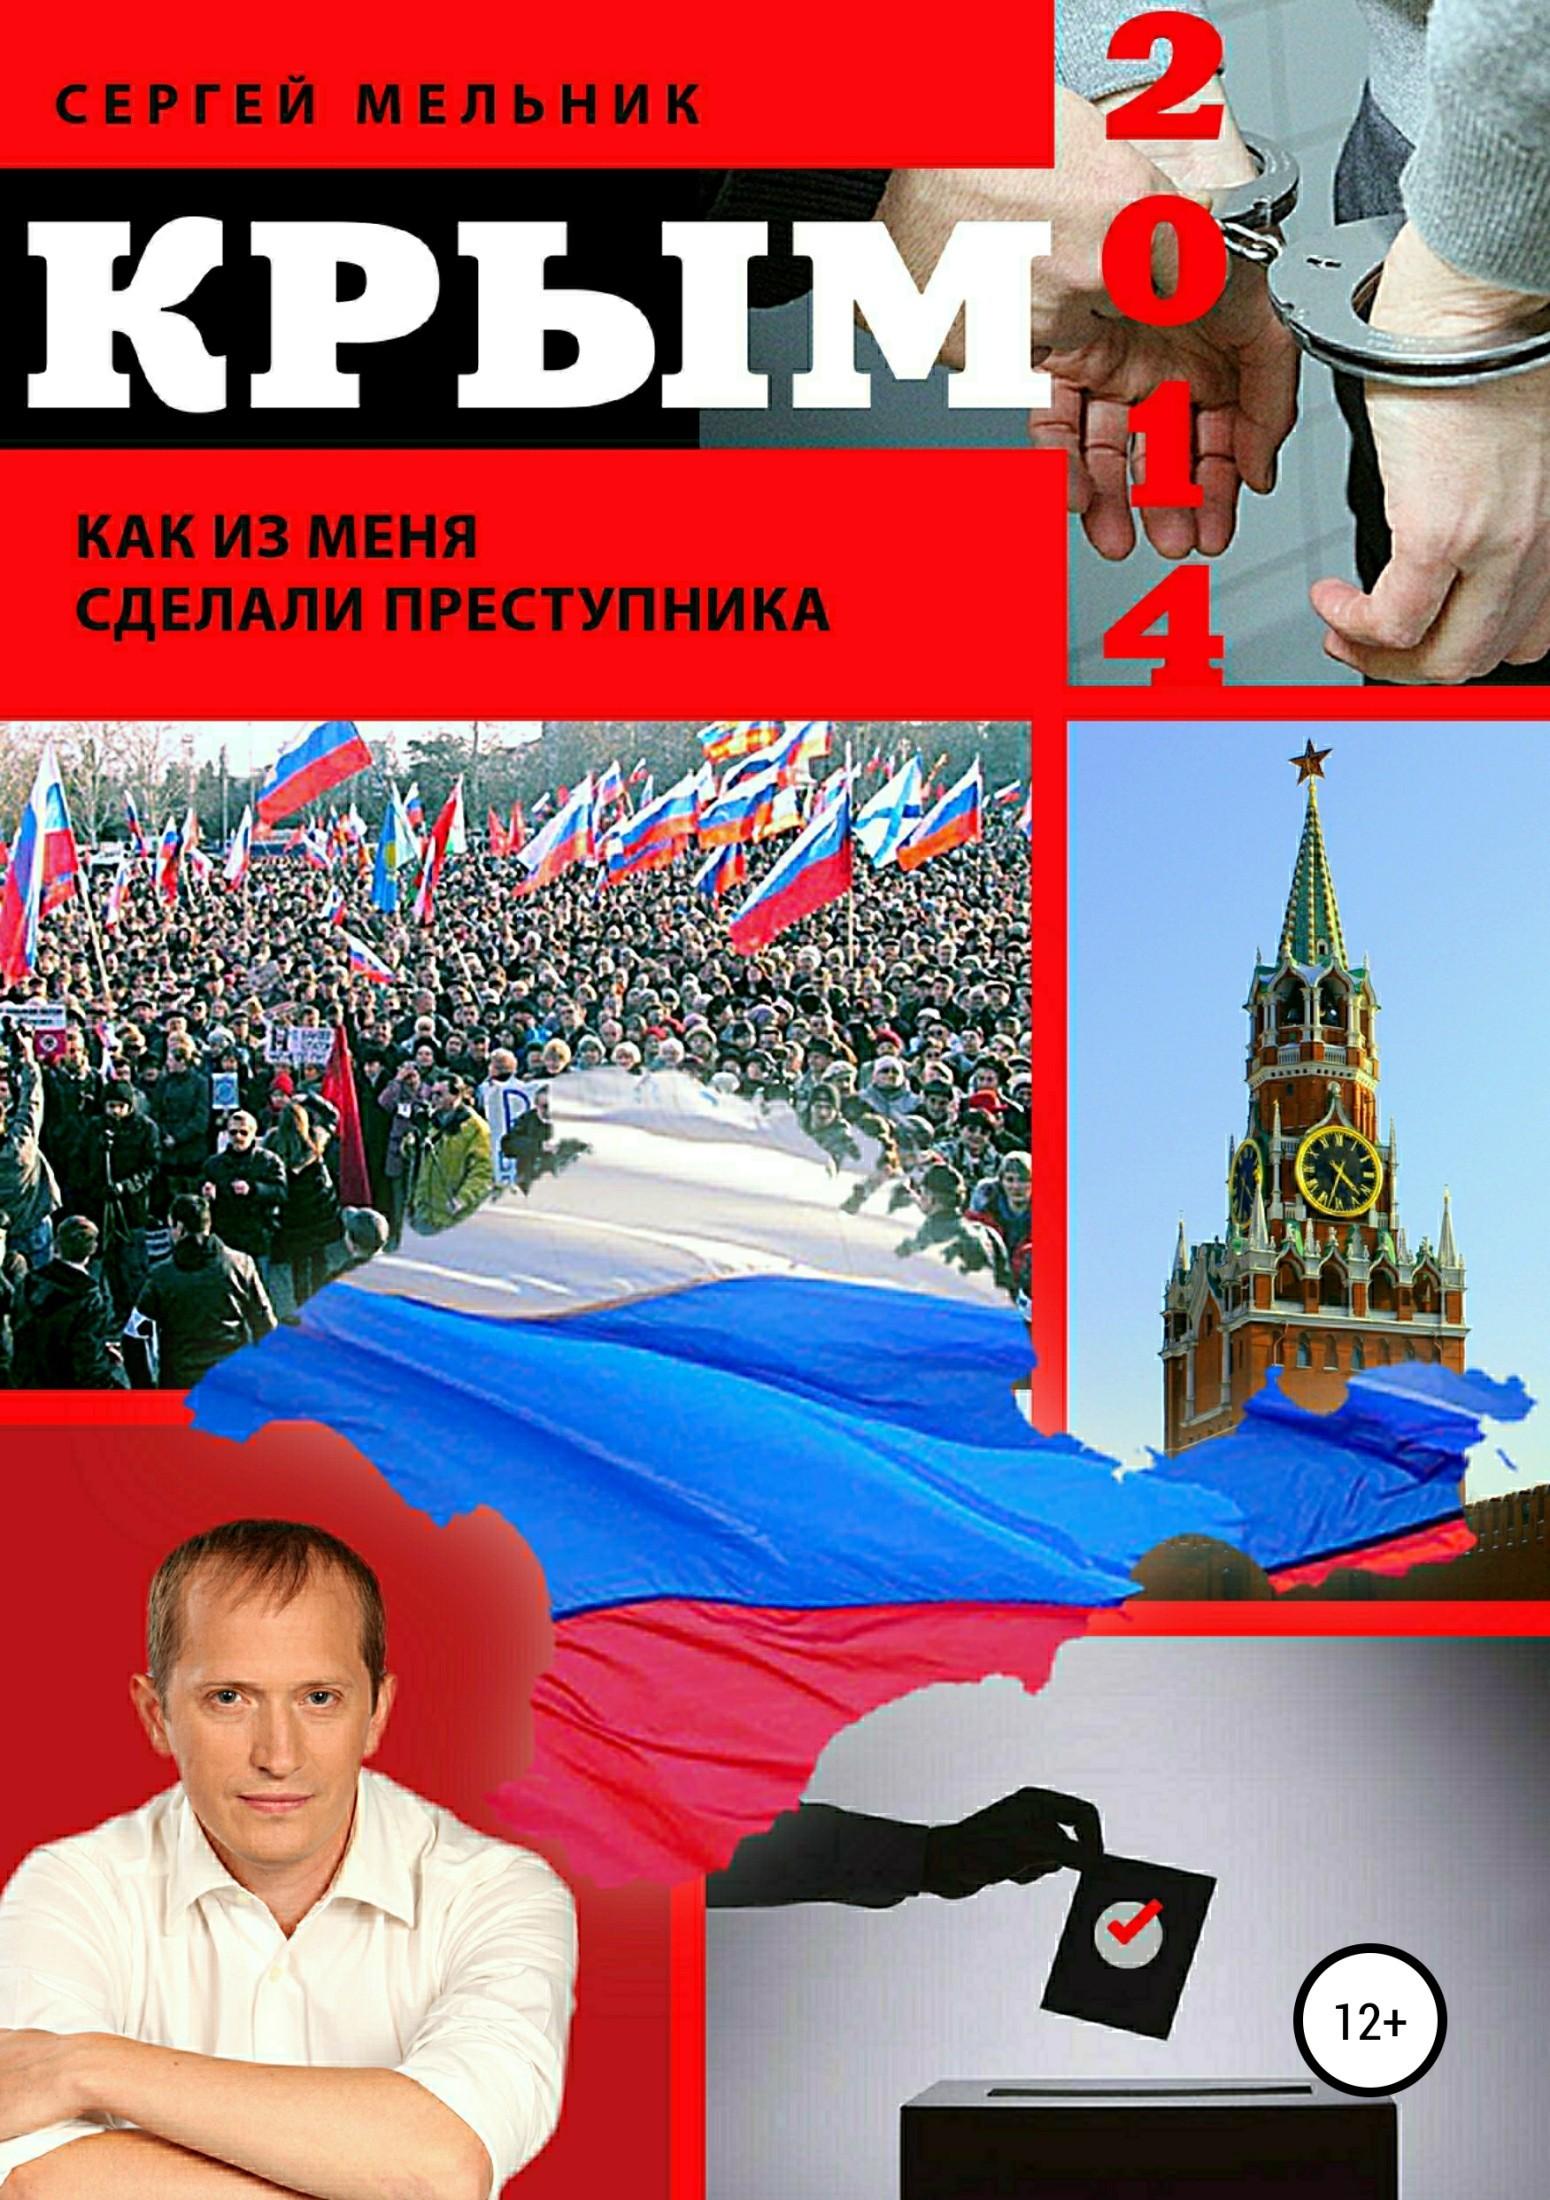 фото обложки издания Крым 2014. Как из меня сделали преступника